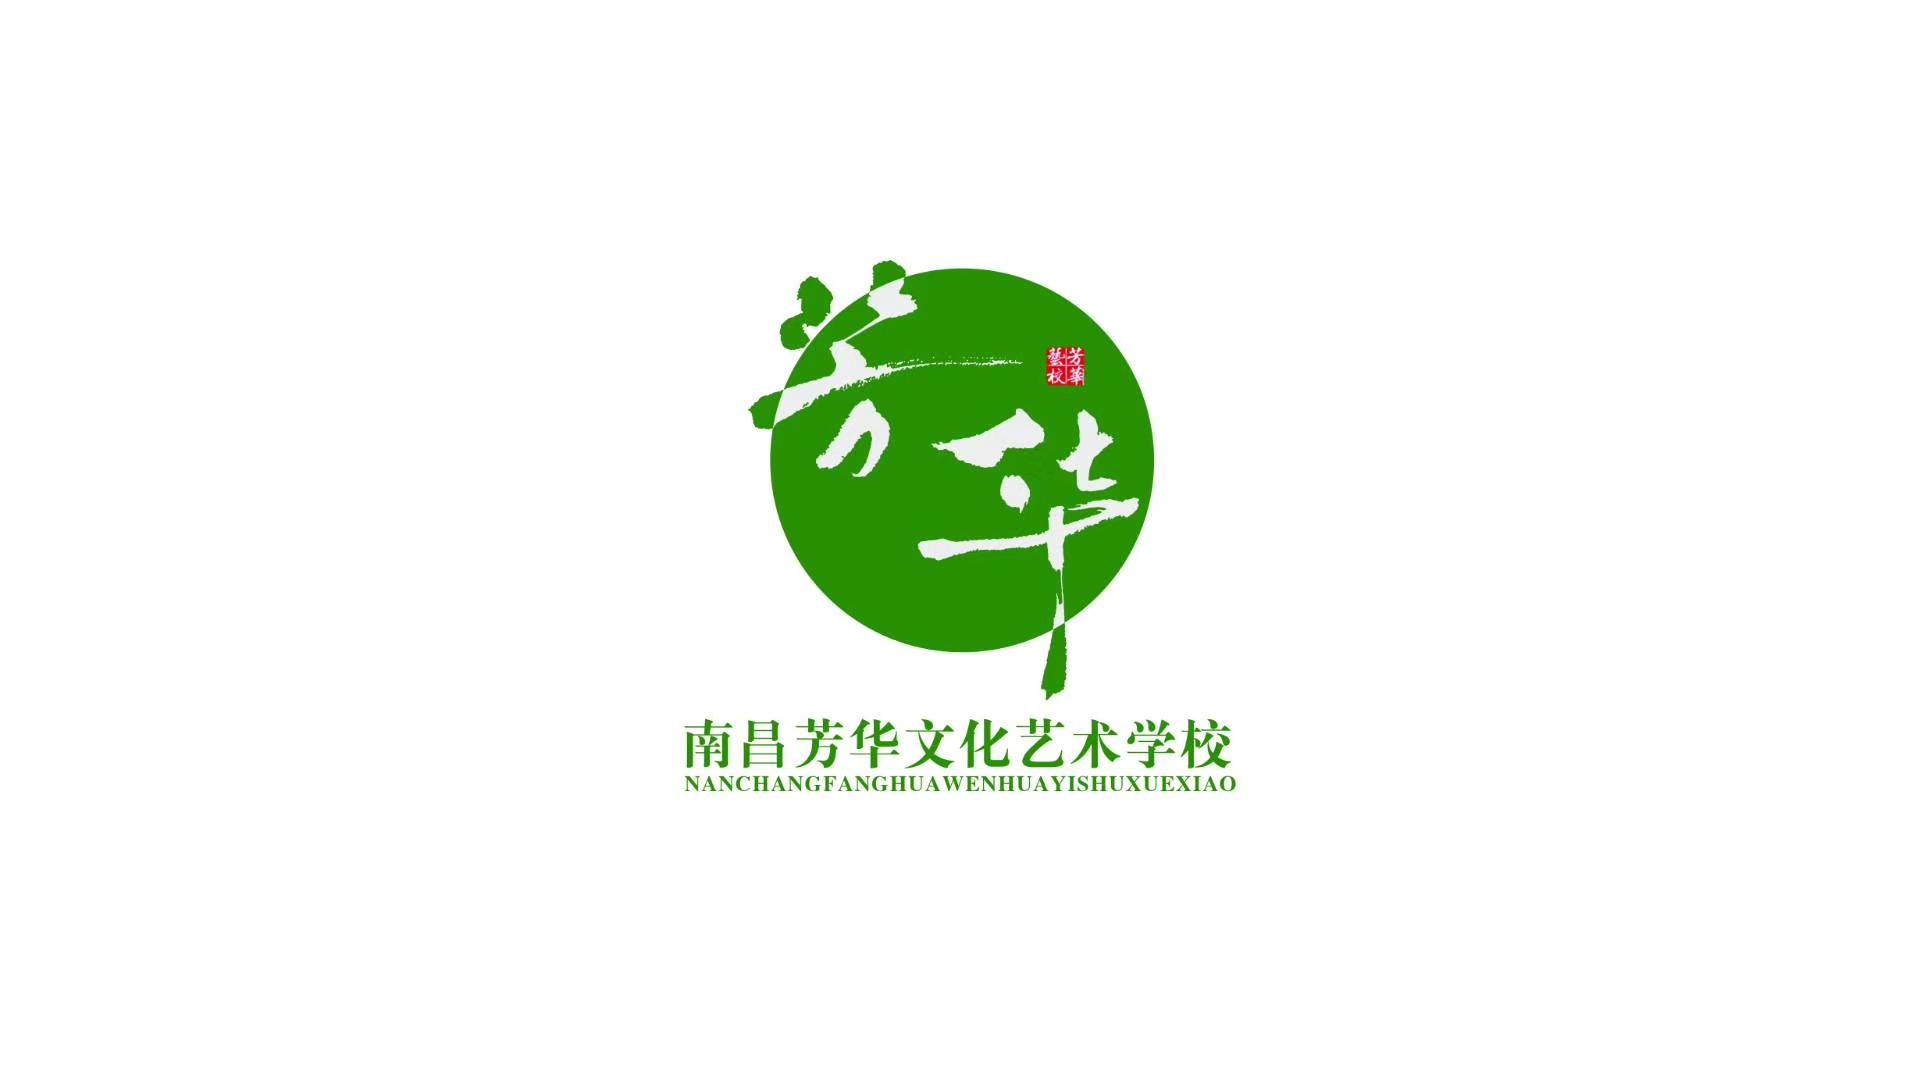 南昌市青山湖区芳华文化艺术培训学校